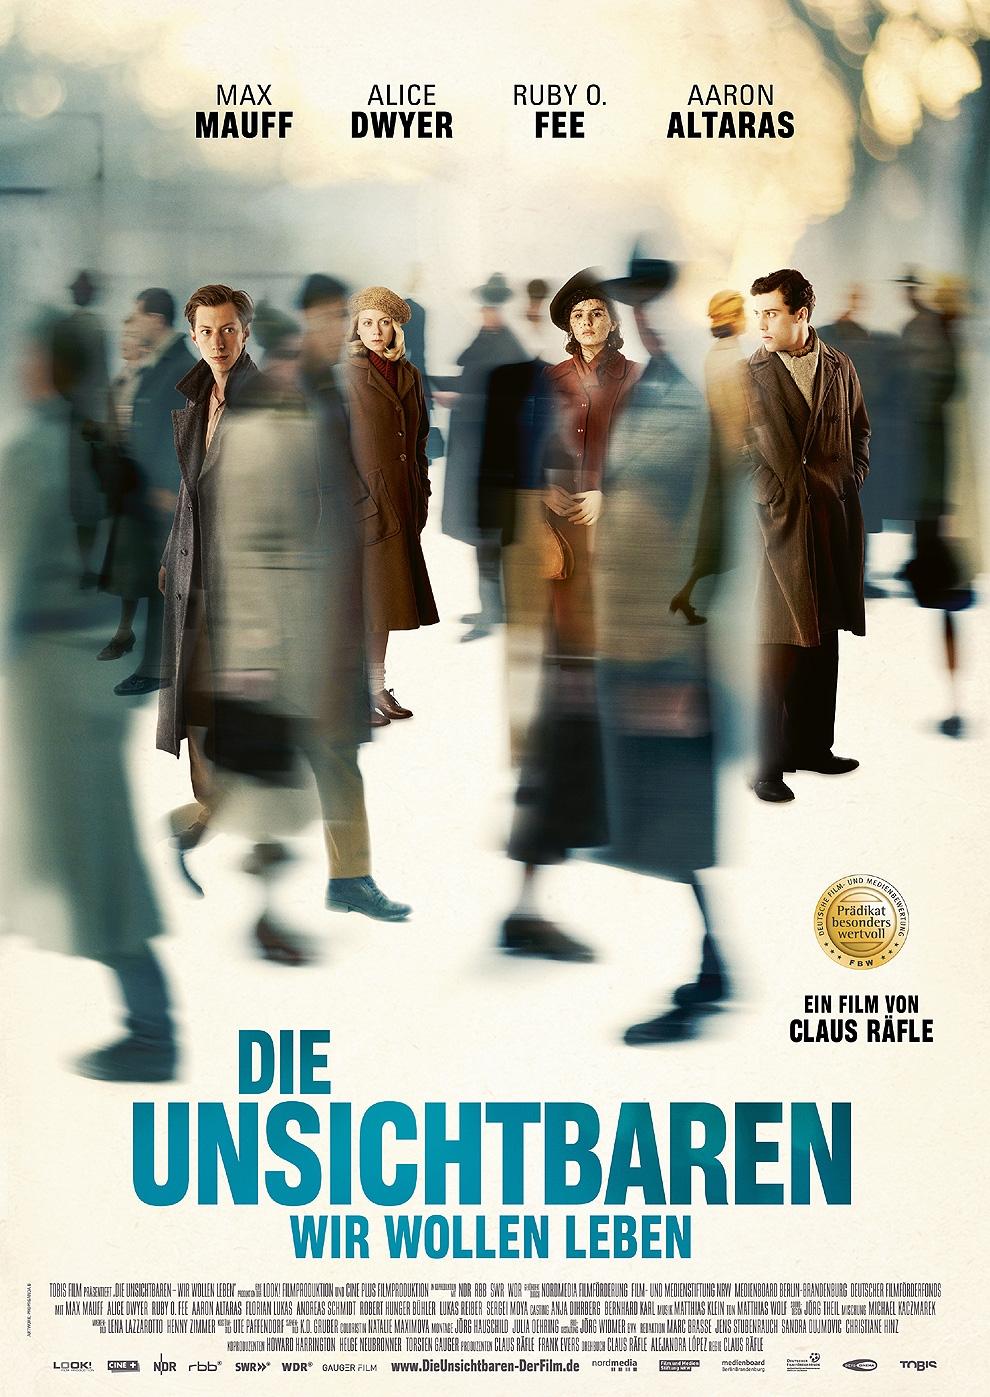 Die Unsichtbaren - Wir wollen leben (Poster)